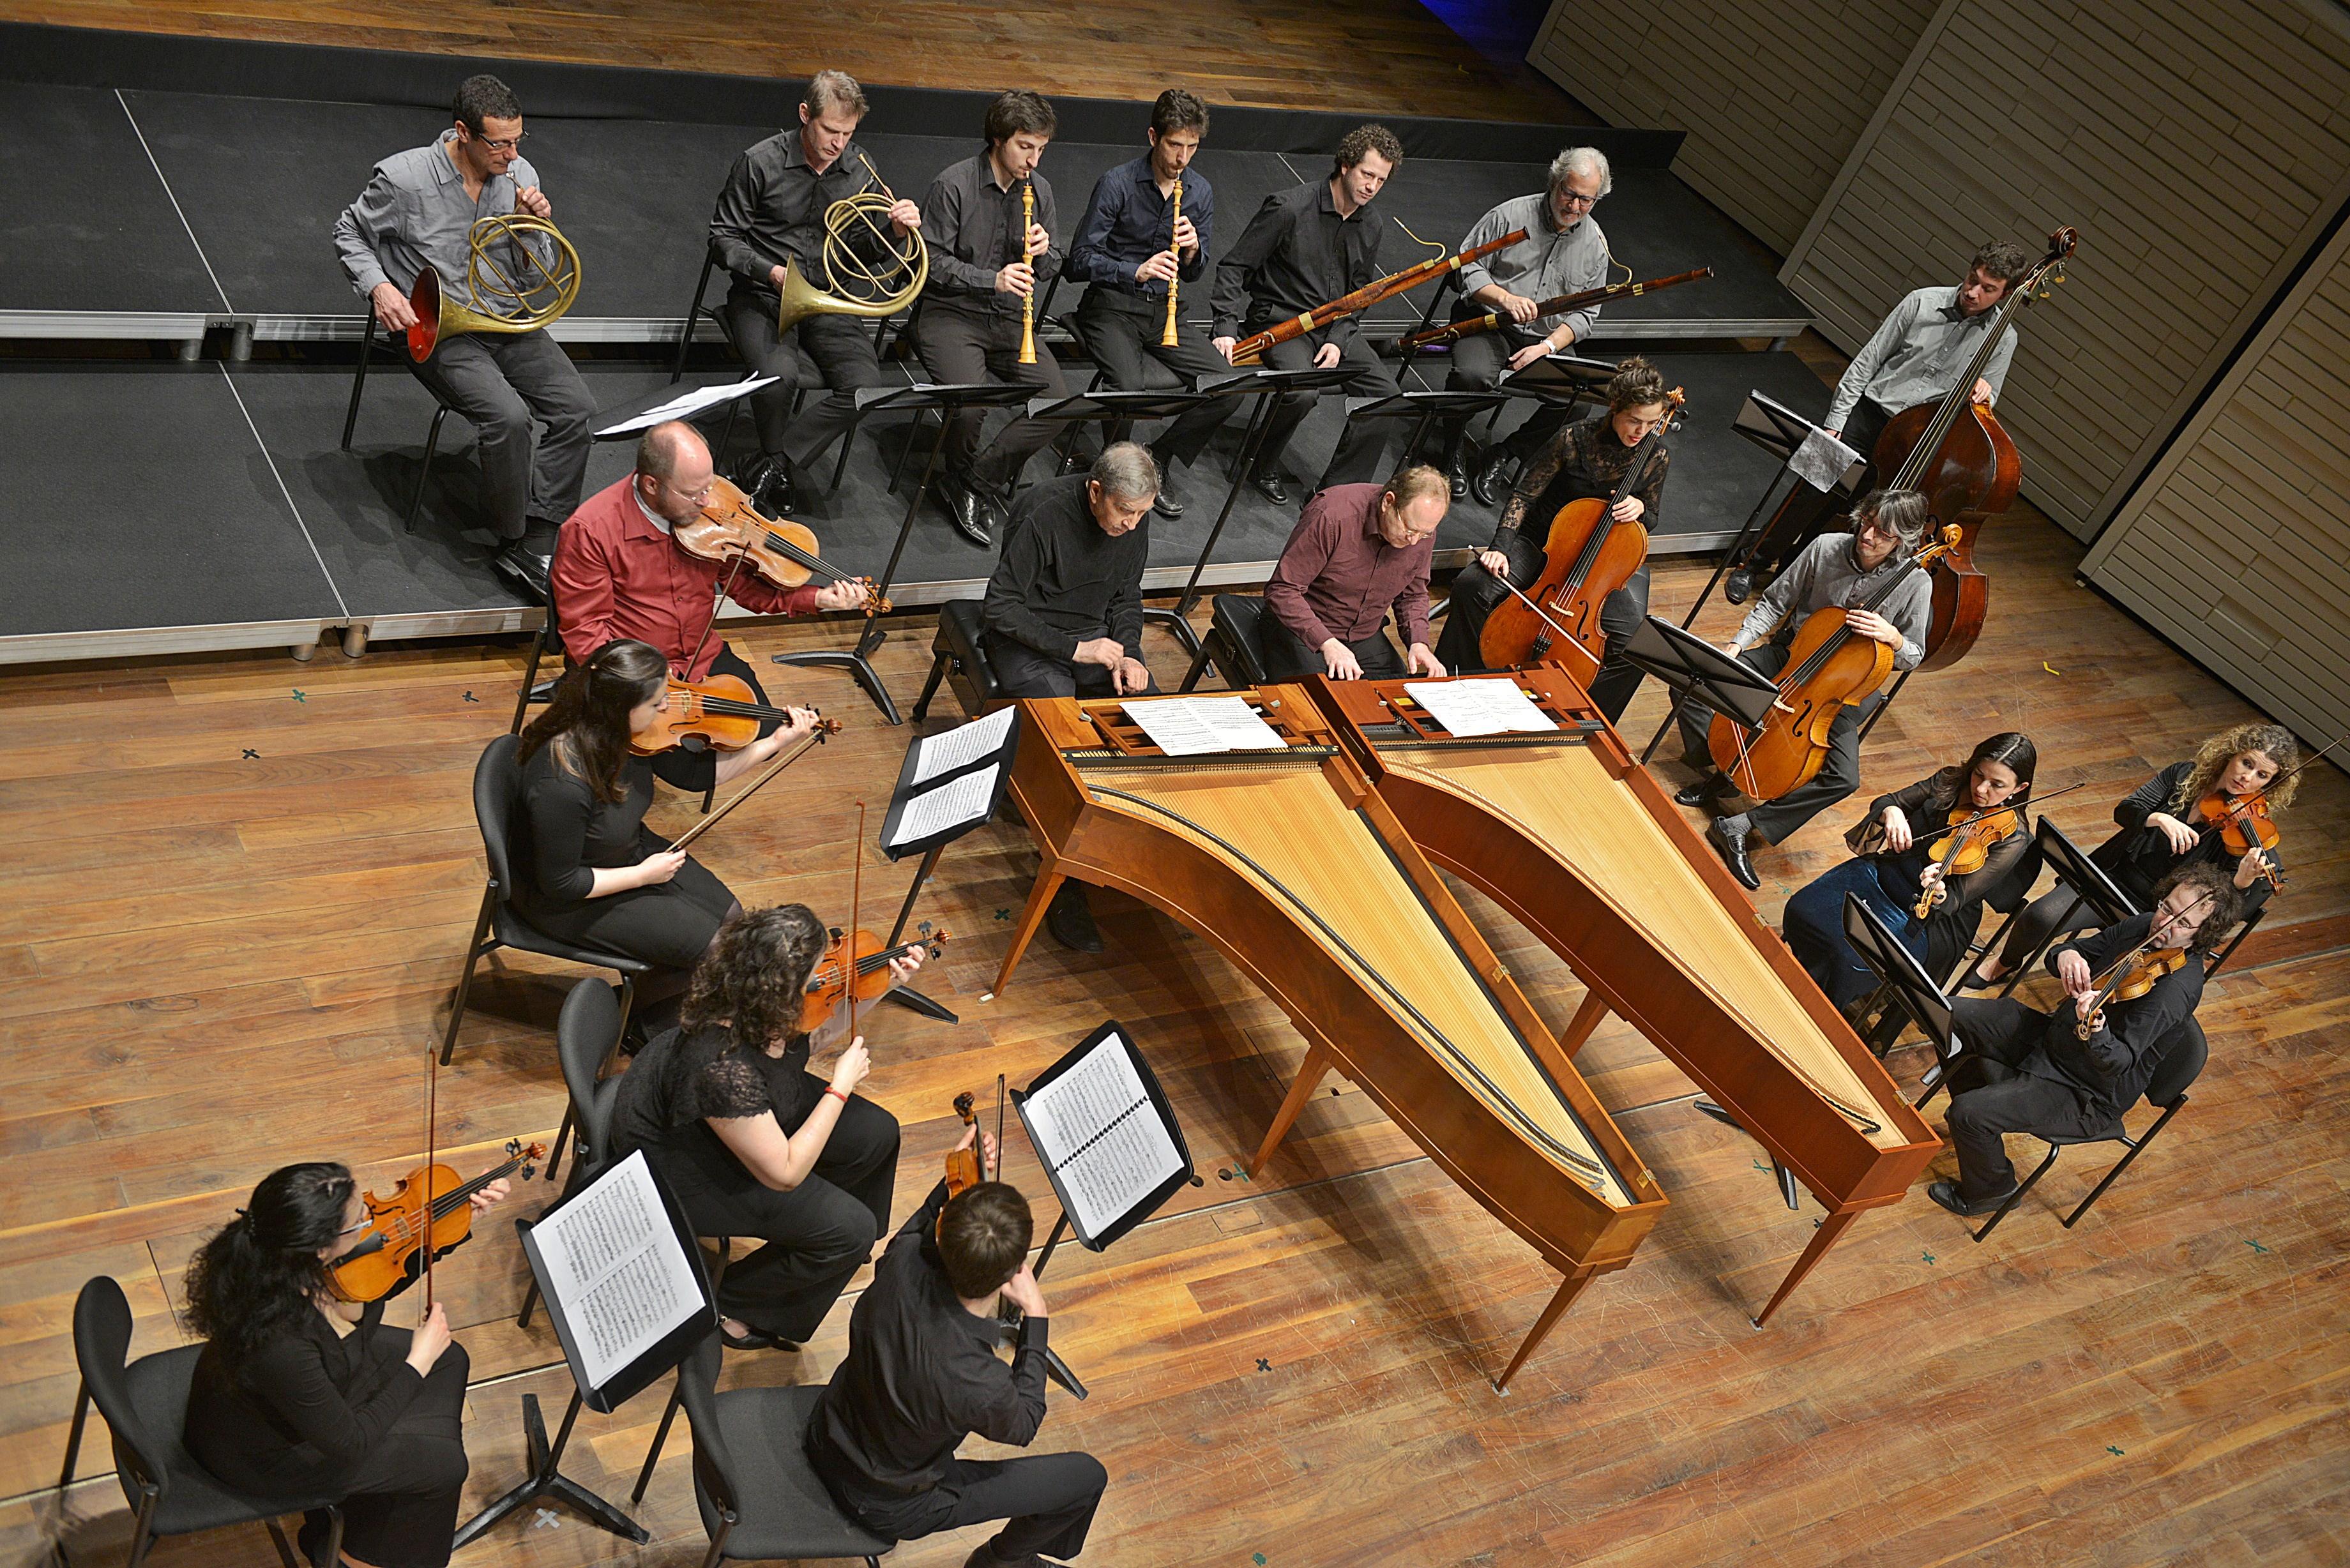 תזמורת מוצארט 21102017